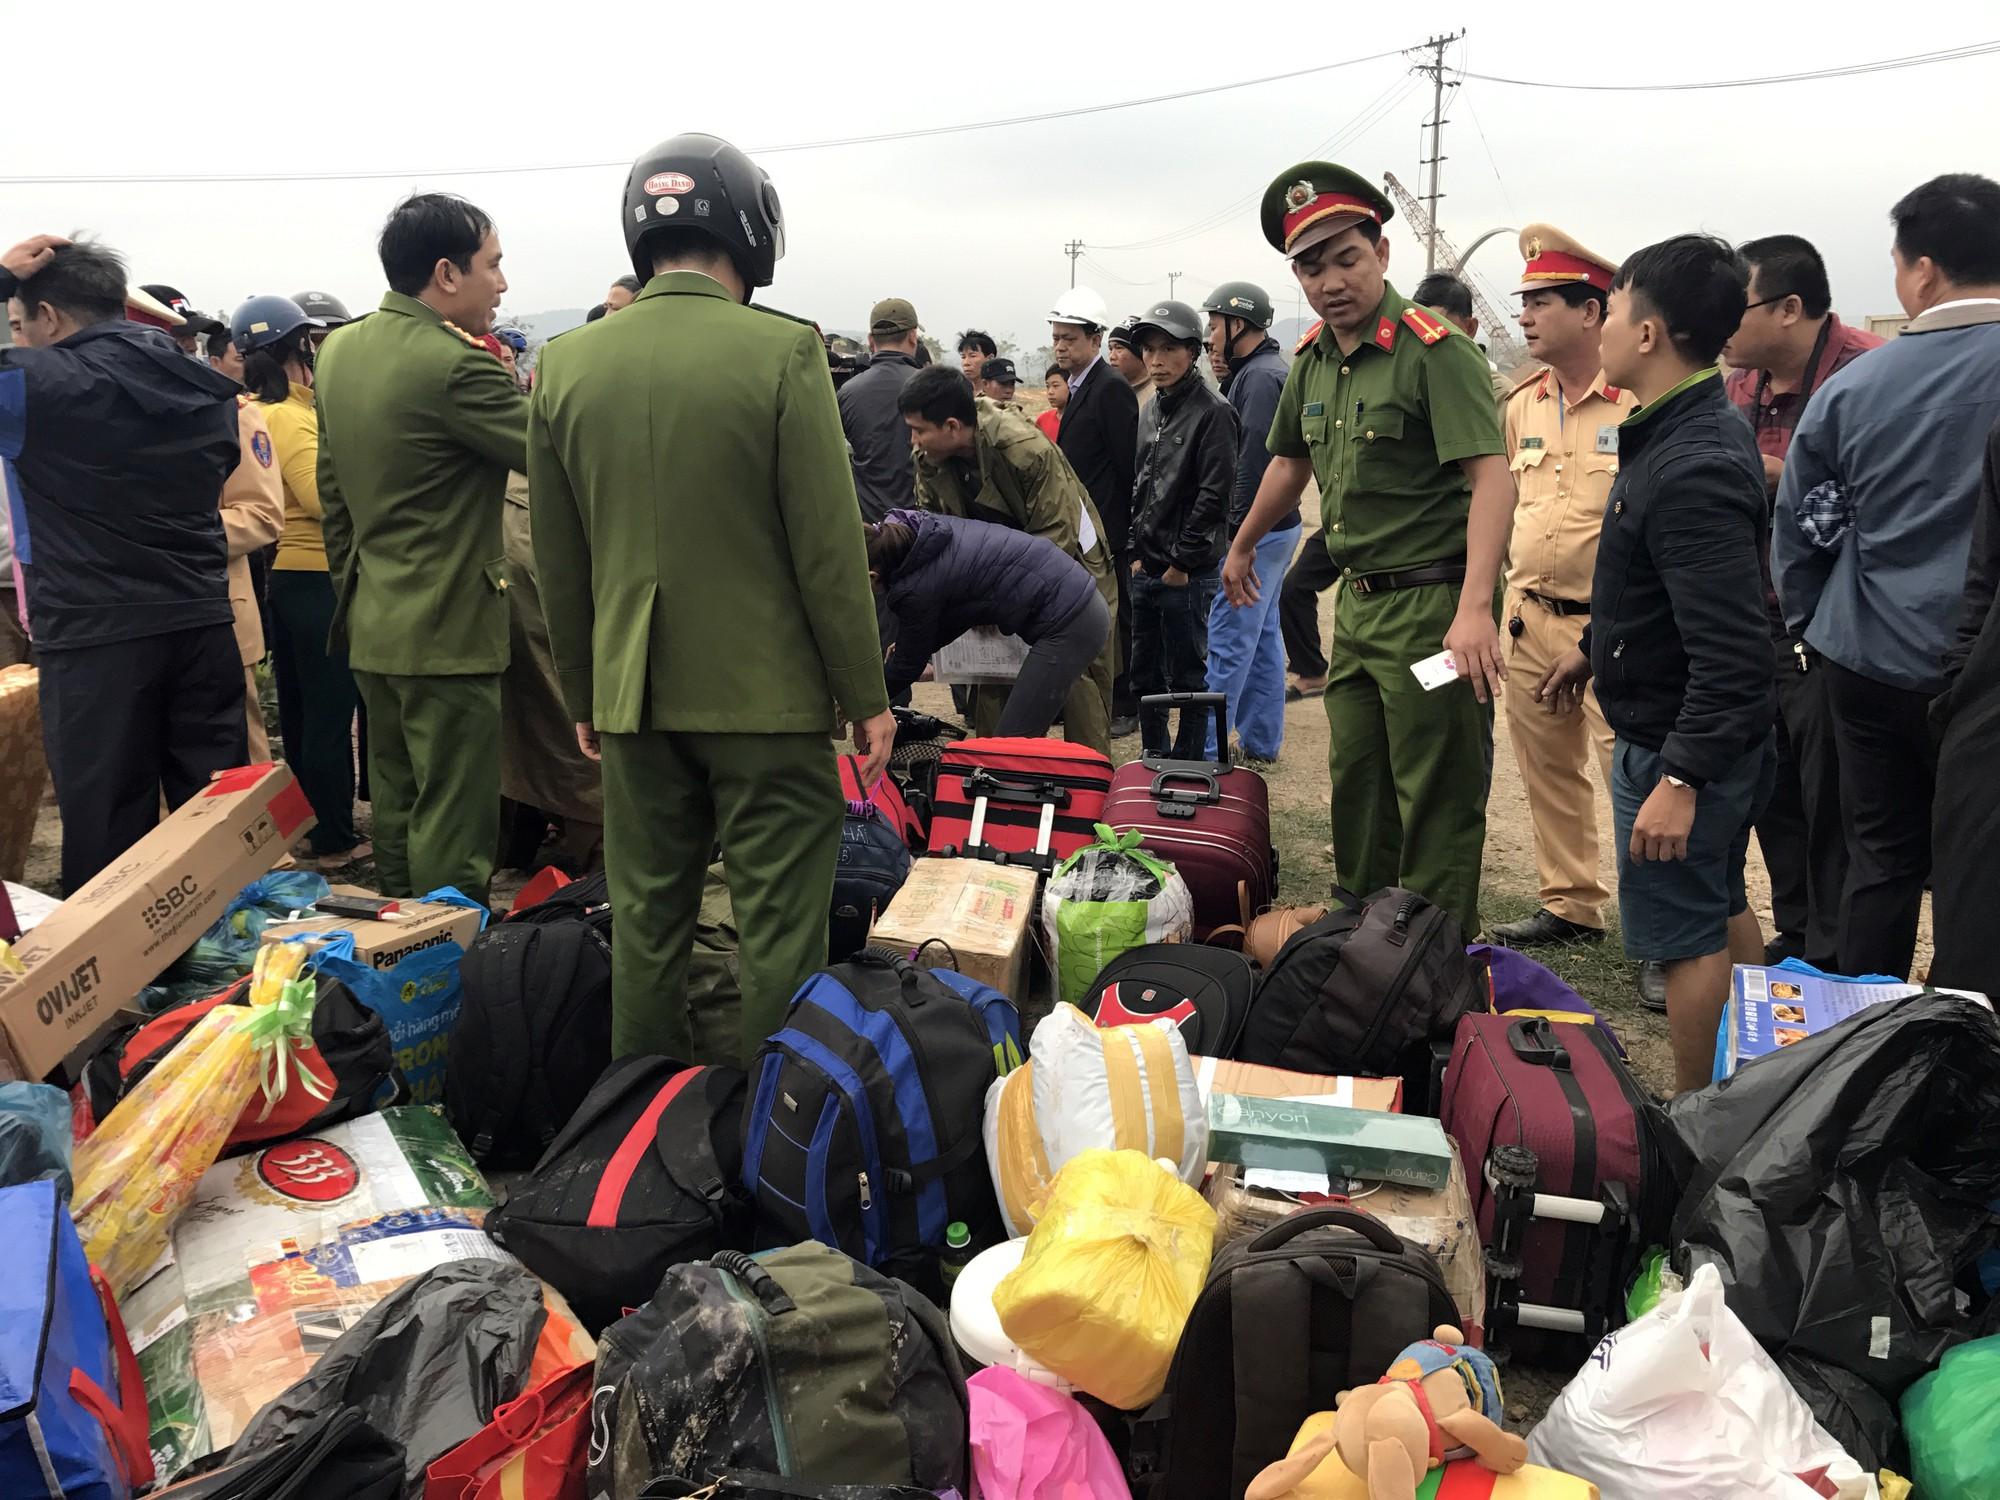 Chùm ảnh: Hiện trường vụ lật xe kinh hoàng ngày giáp Tết khiến 2 người chết, 11 người bị thương ở Đà Nẵng - Ảnh 7.